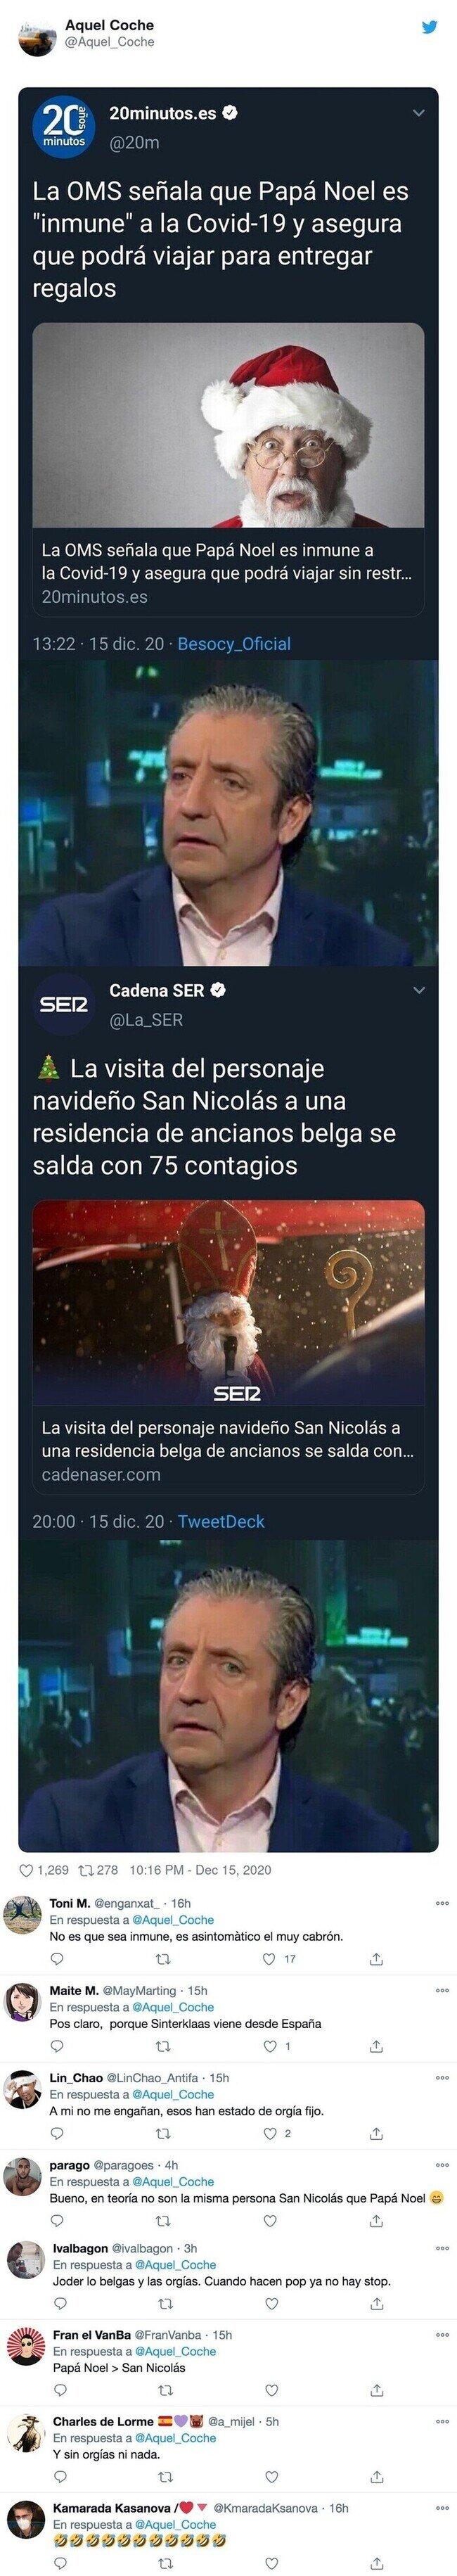 21182 - La OMS Dice que Papa Noel es inmune al coronavirus, y ojo al final de la historia porque no se podía saber, por @Aquel_Coche